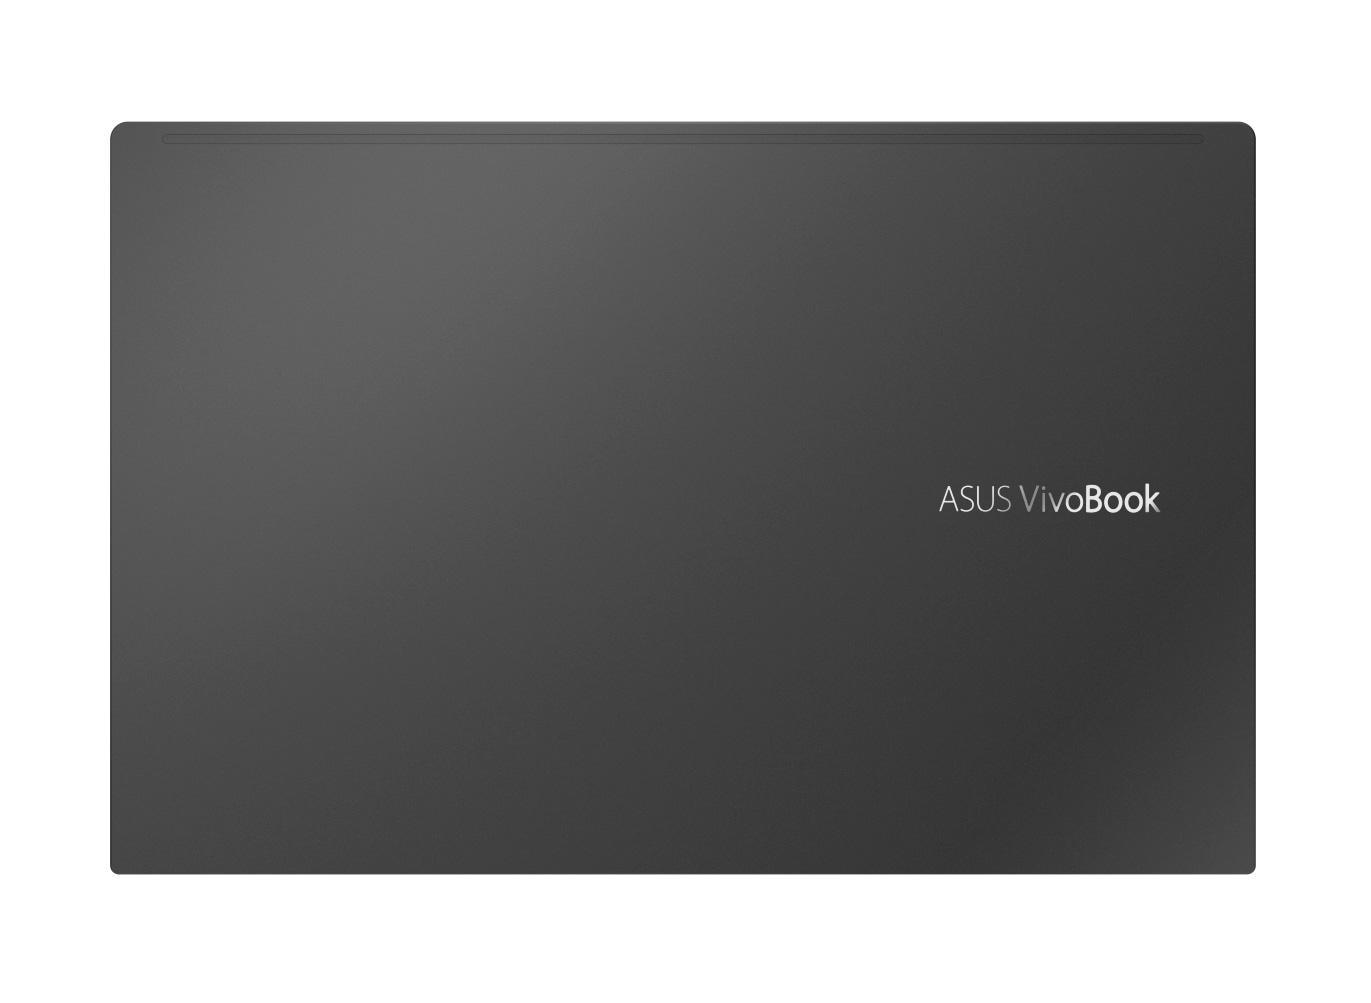 Ordinateur portable Asus VivoBook S433IA-HM849T Gris/Noir - NumPad - photo 7